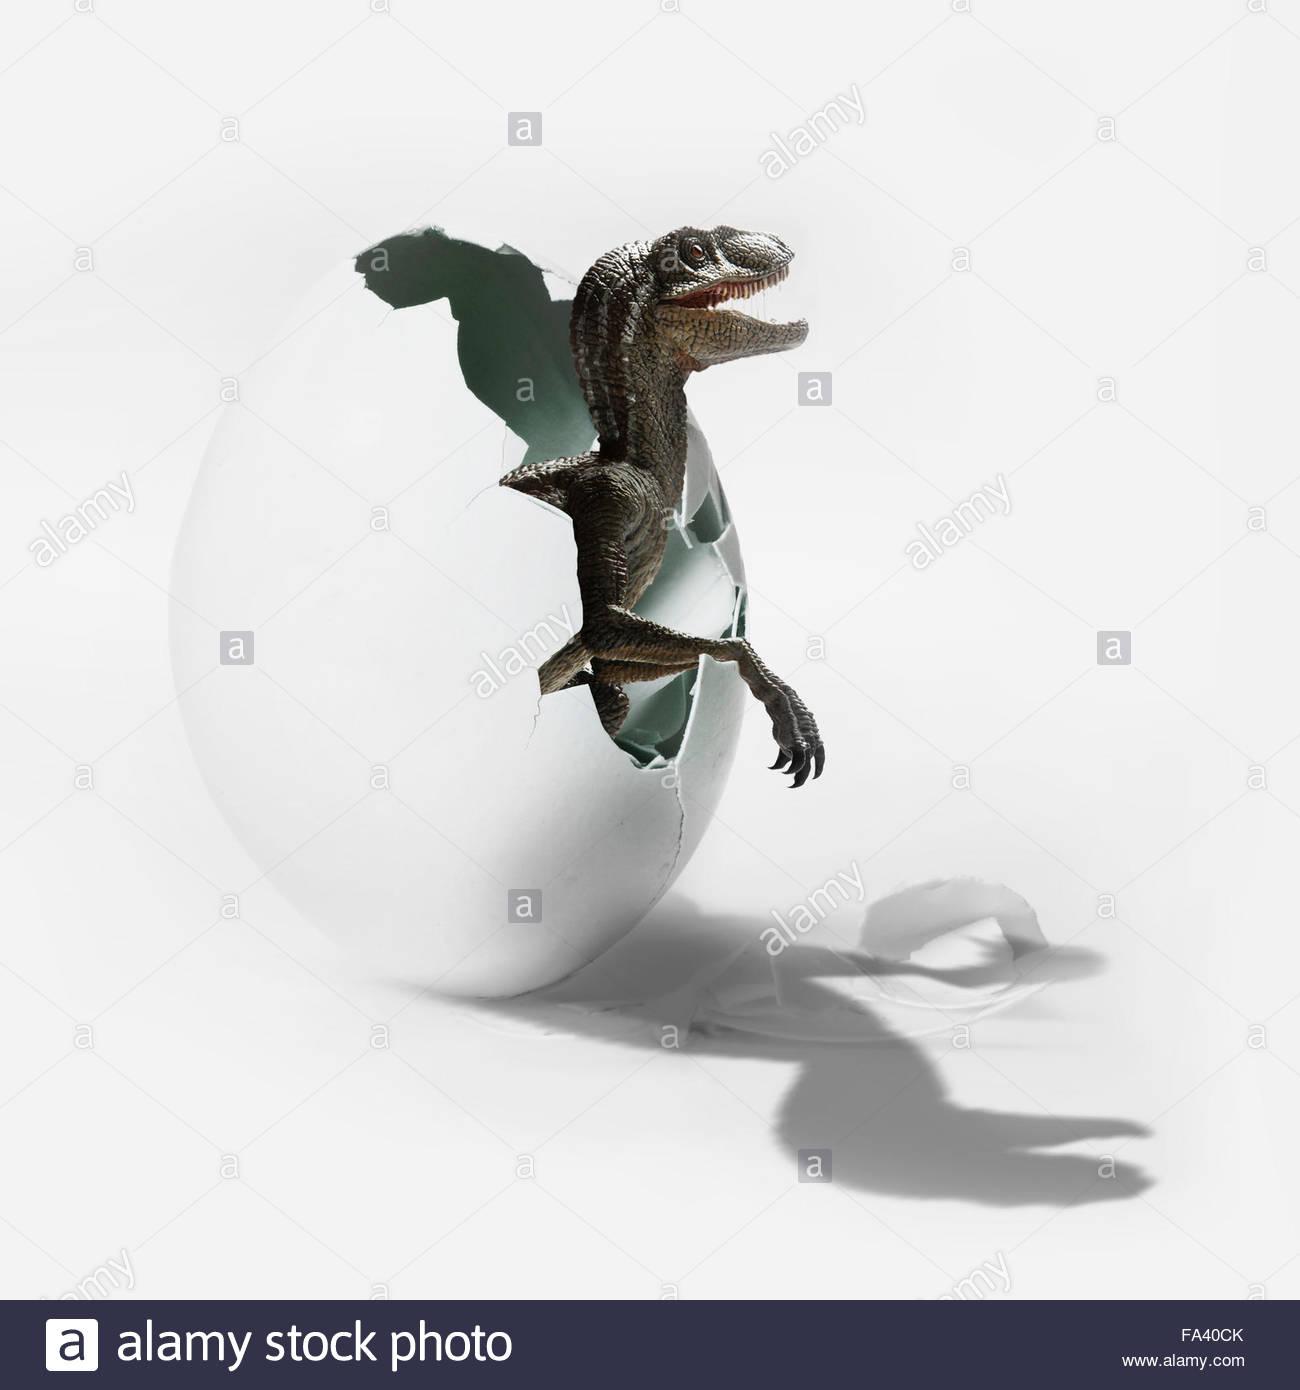 Juvenile velociraptor dinosaur breaks out of an egg. - Stock Image